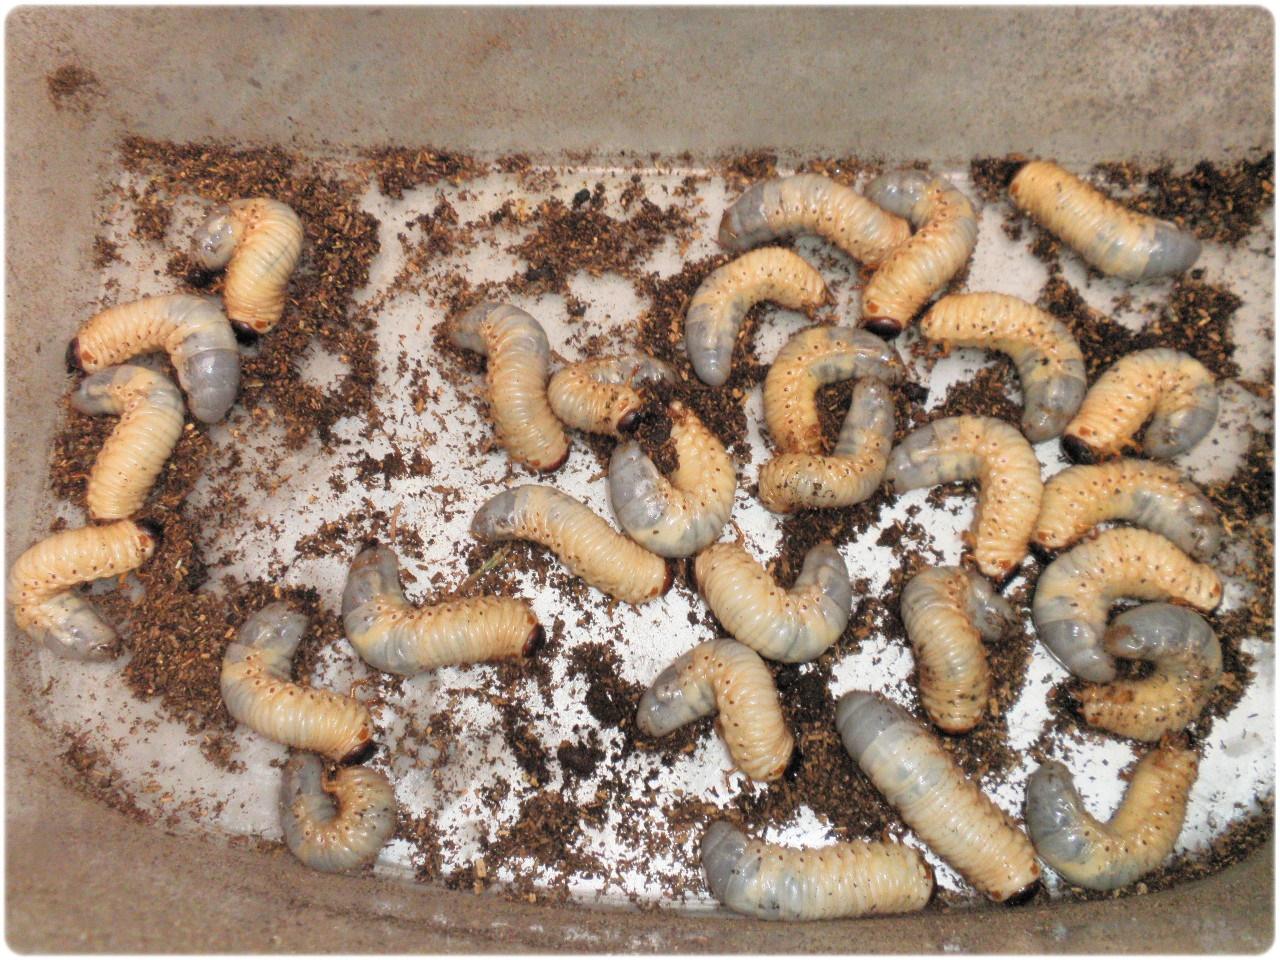 土 出る 幼虫 カブトムシ から